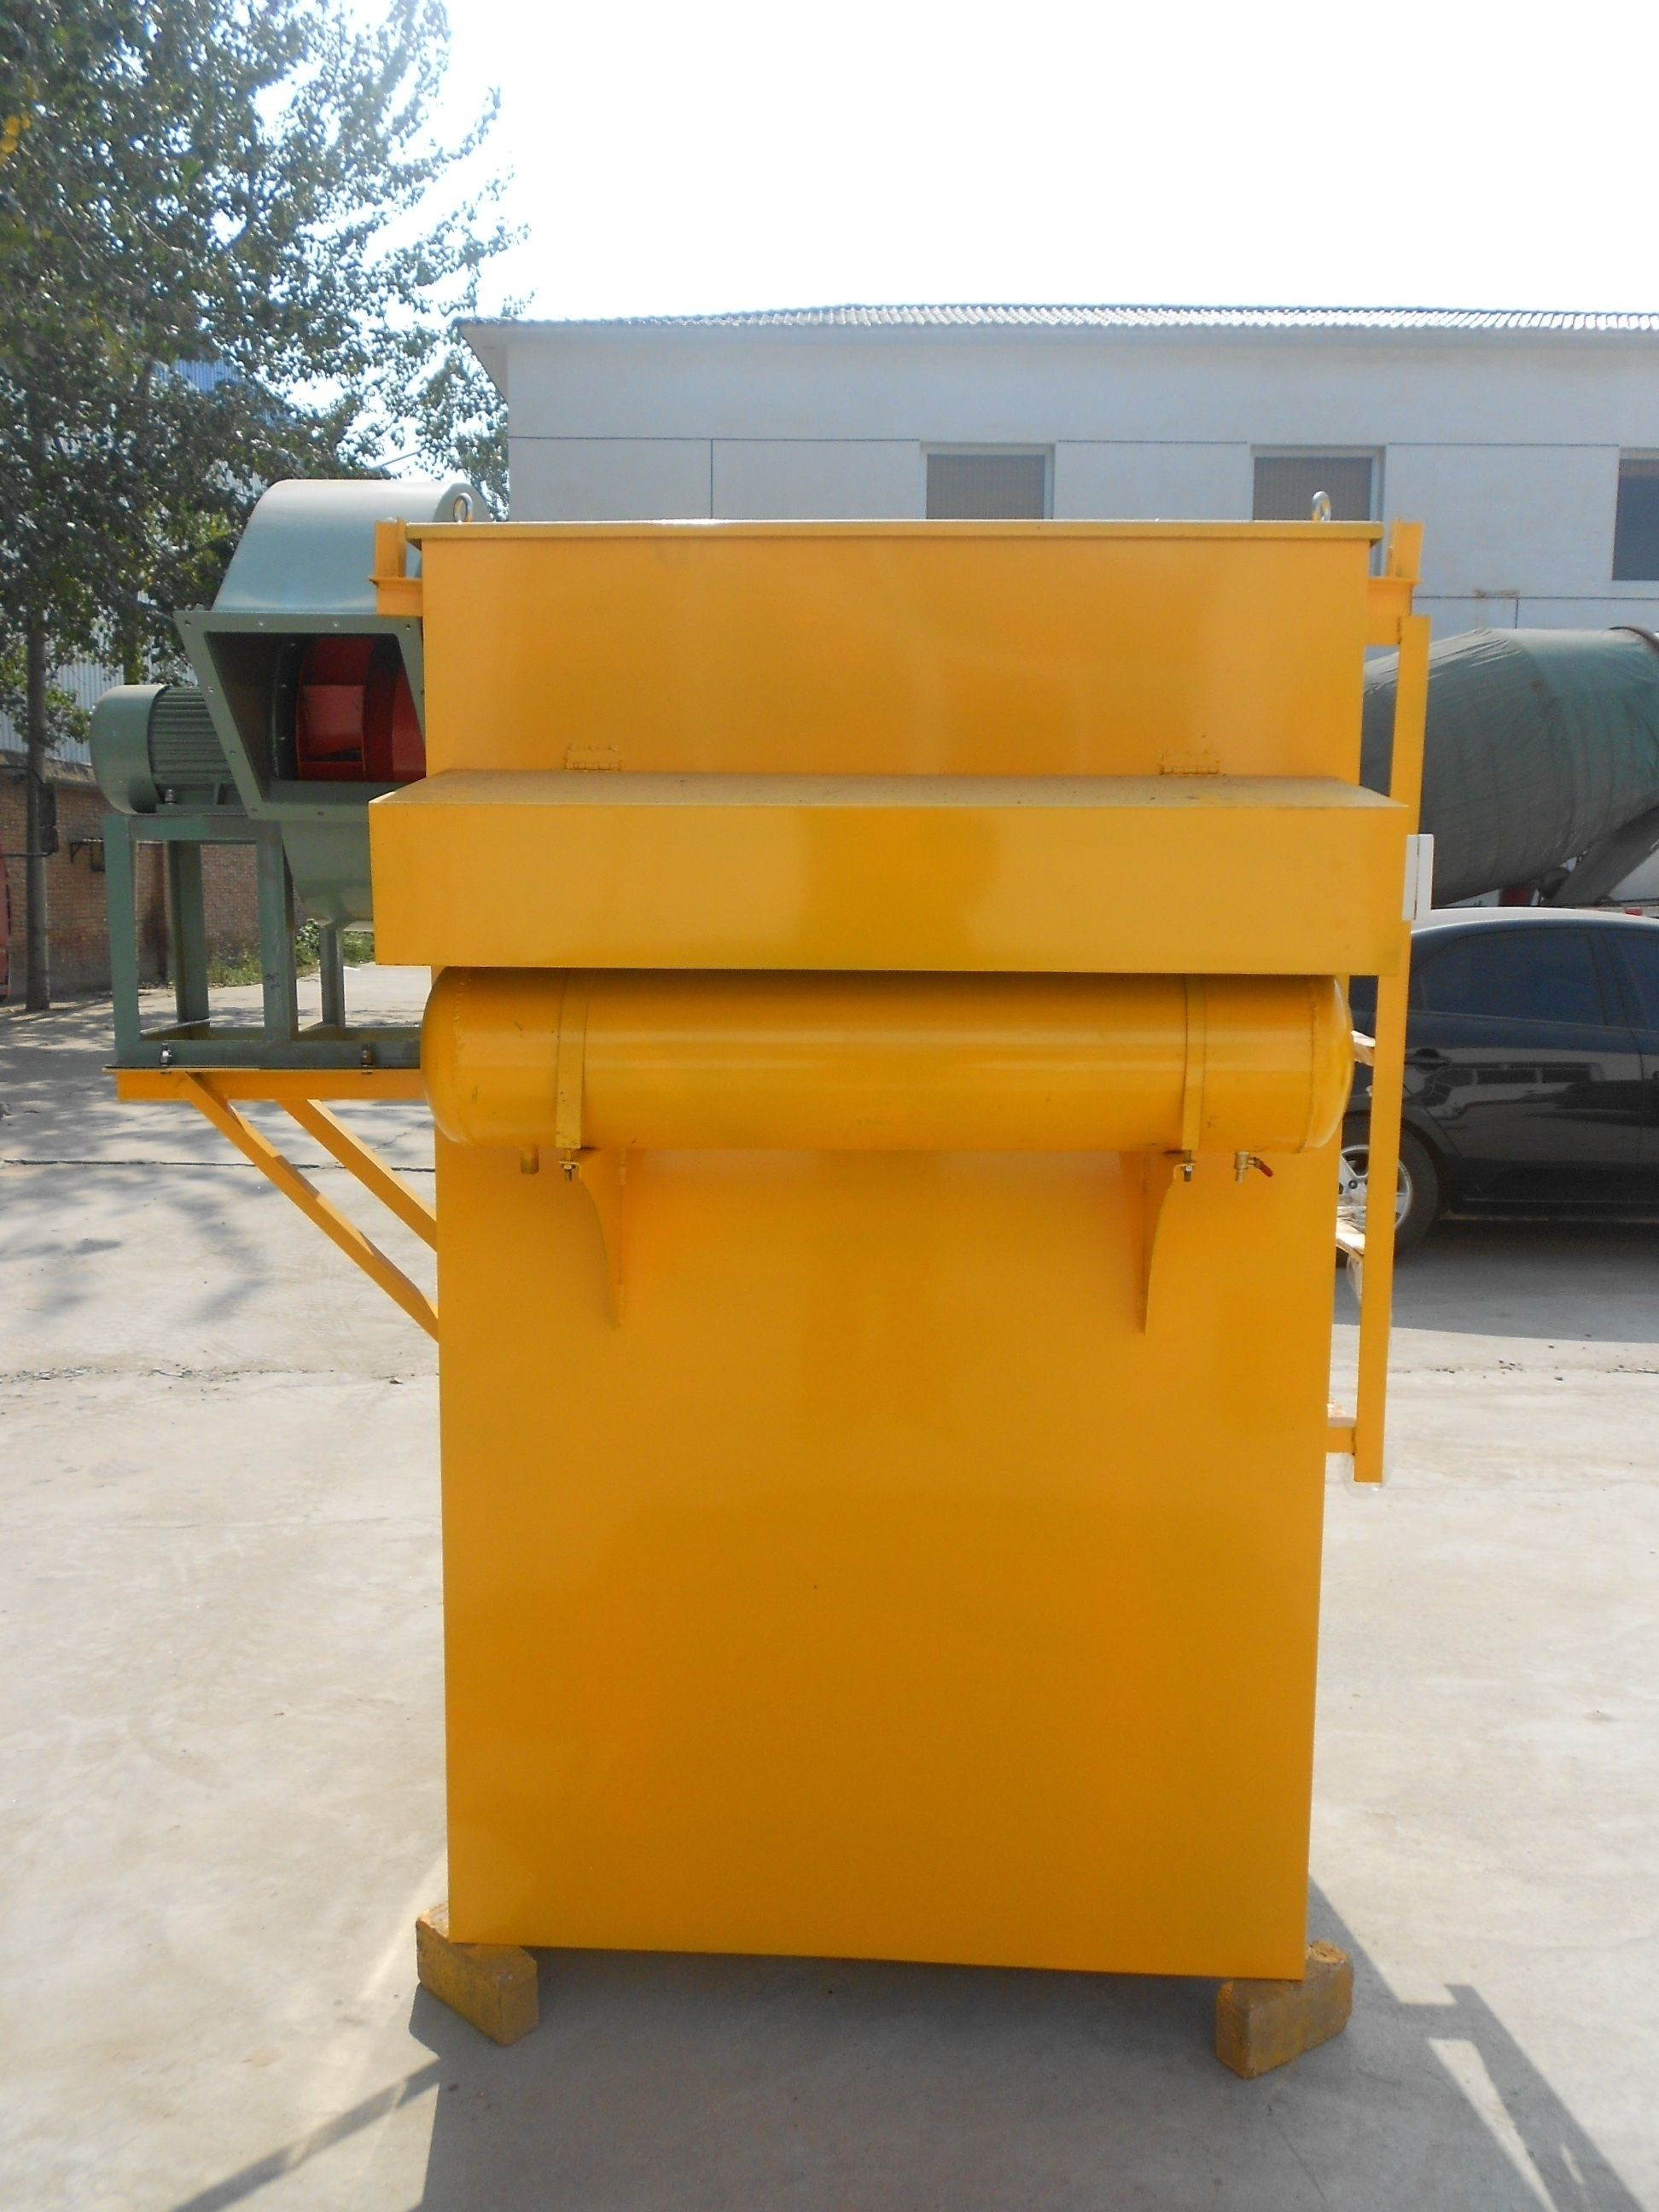 反吹式脉冲布袋式除尘器结构原理_河北奥科除尘设备... _新浪博客